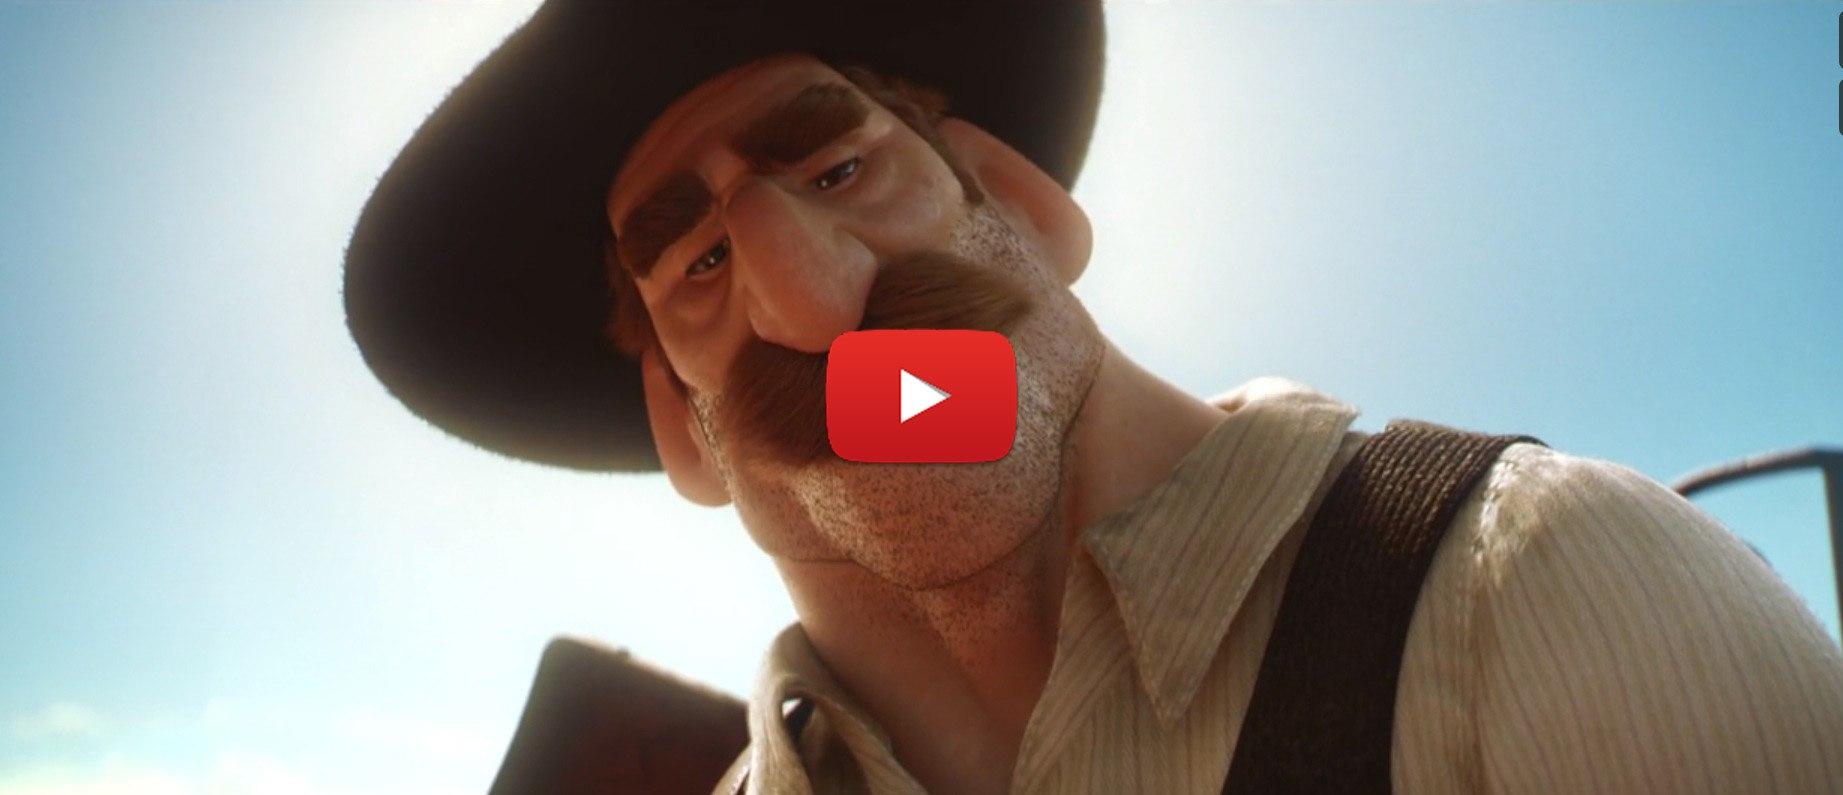 Новый короткометражный мультфильм от Pixar